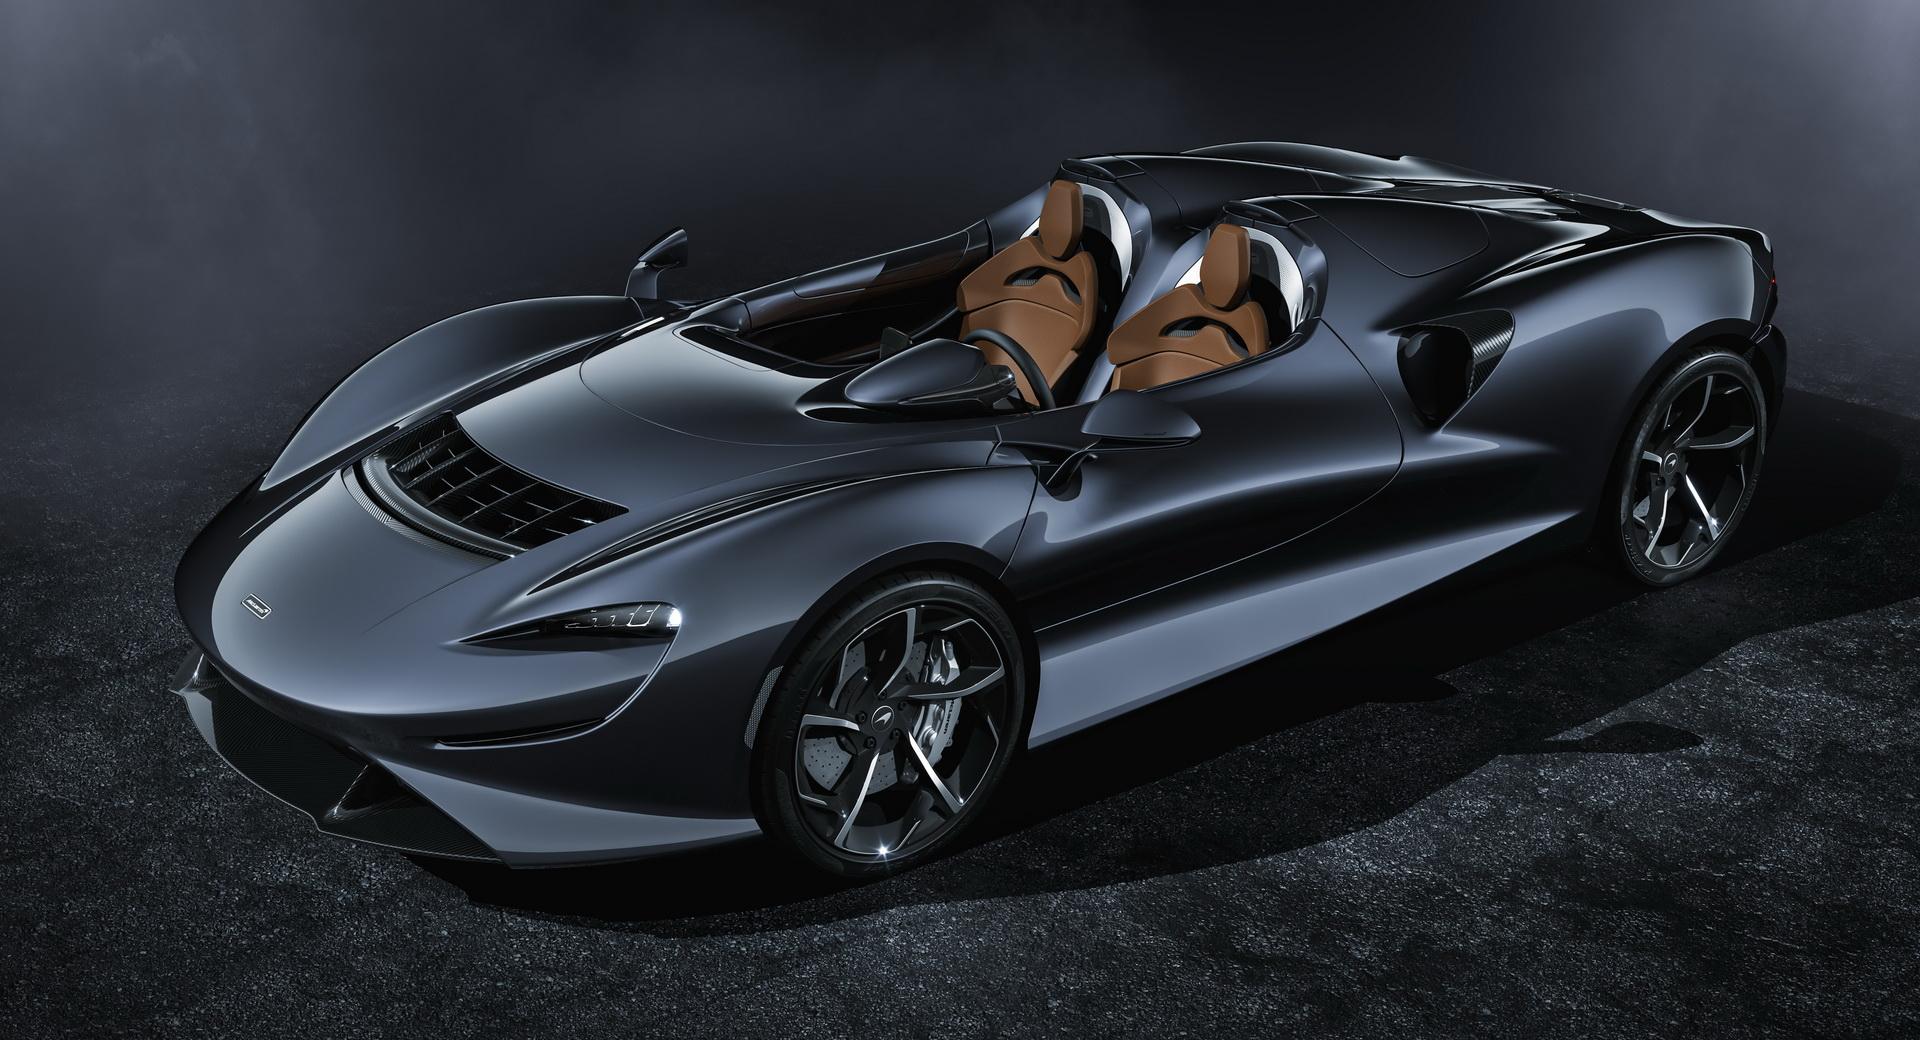 Quer um McLaren Elva e não tem lugar na fila de espera? 3 milhões de euros resolvem isso!